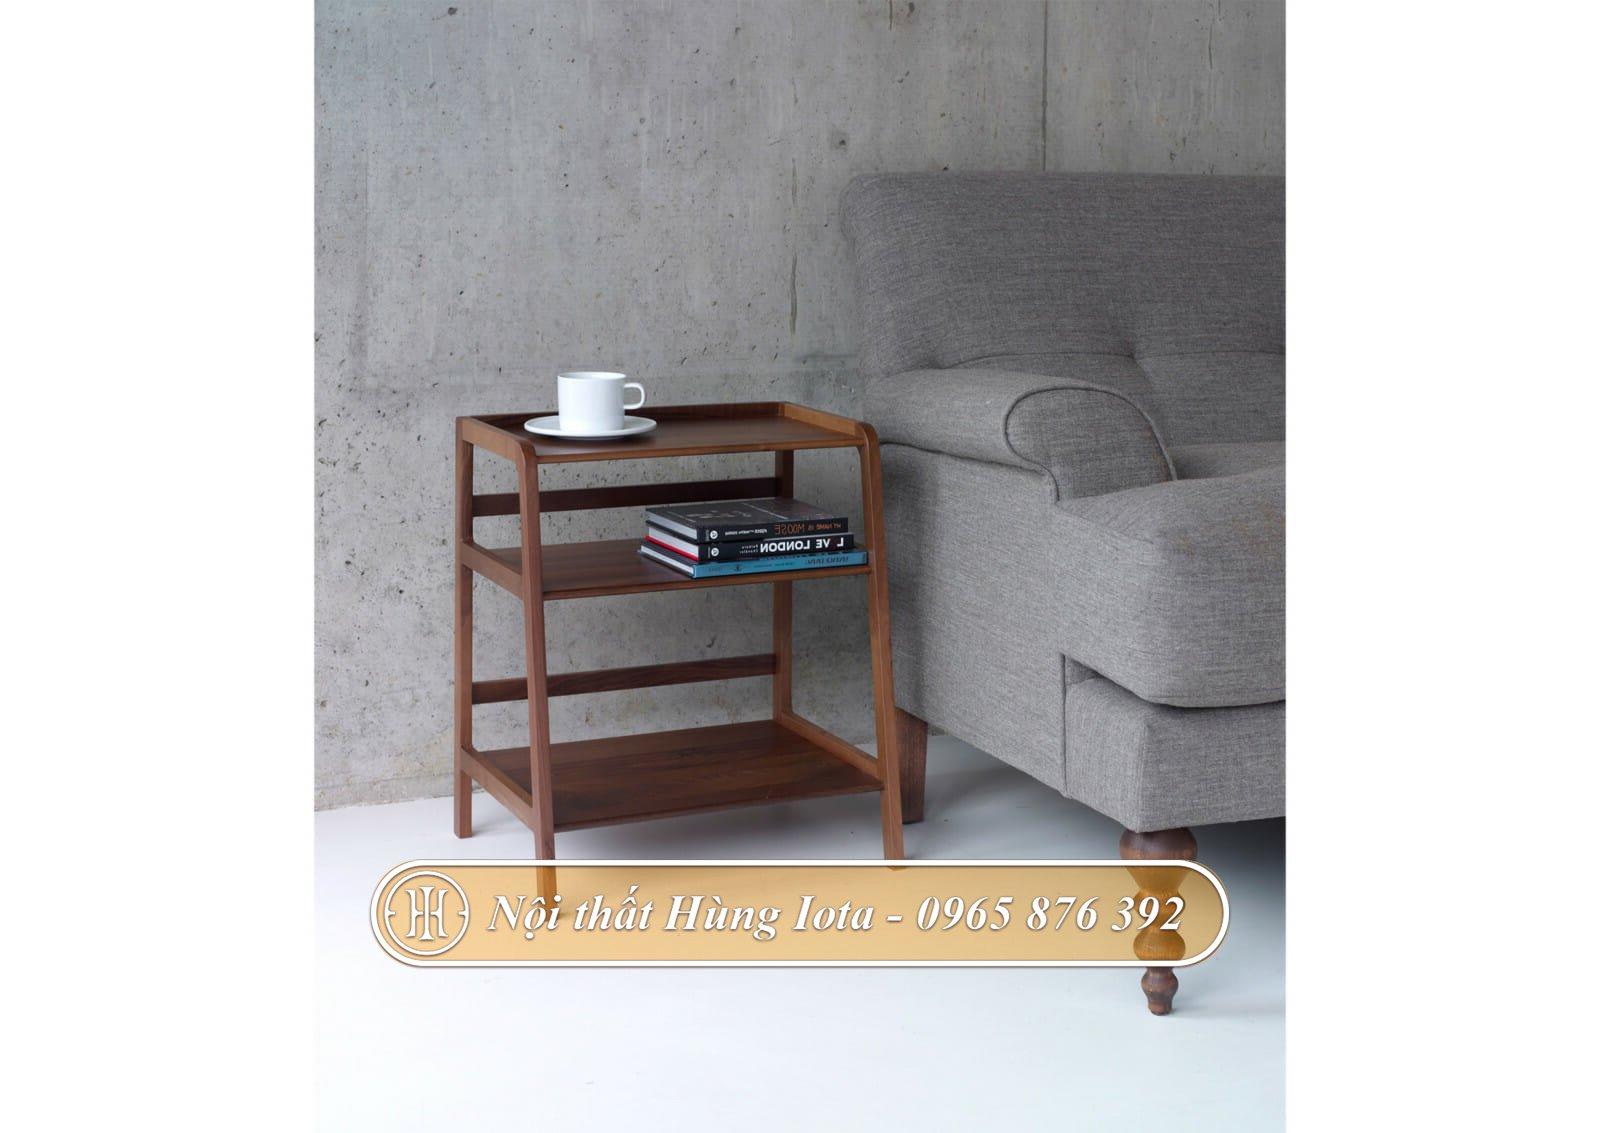 Kệ gỗ decor phù hợp nhiều không gian